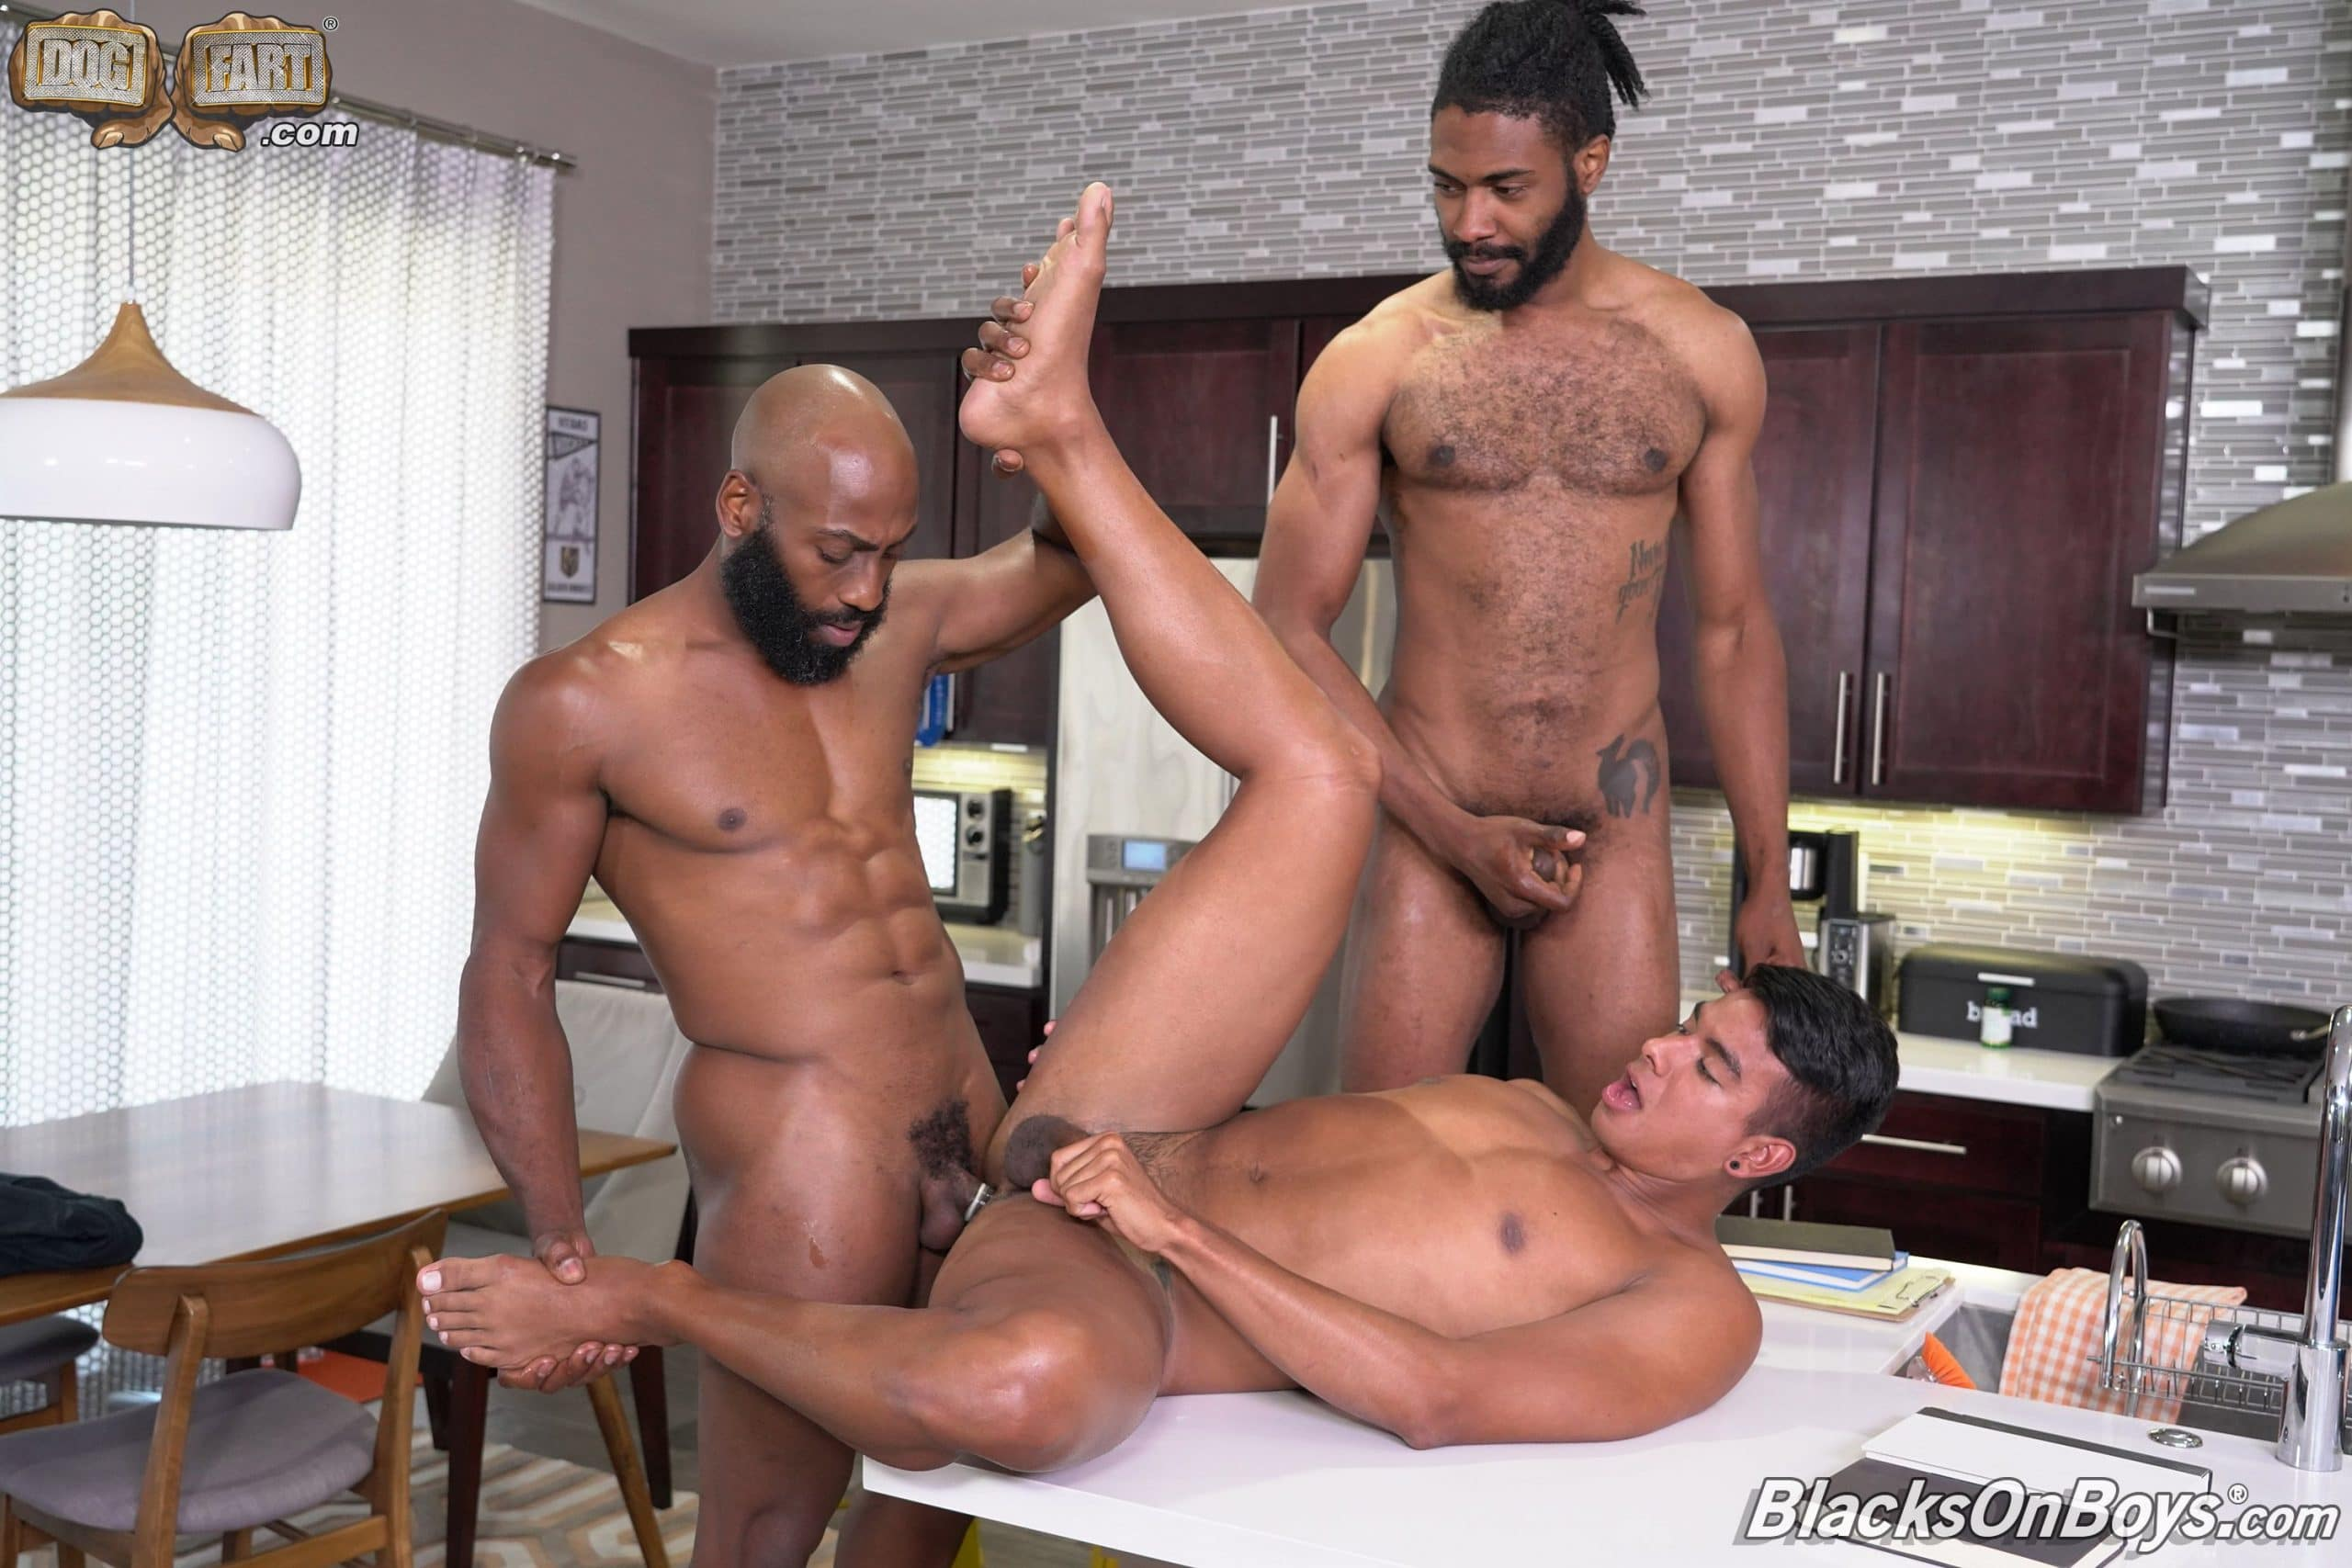 gay porn threesome